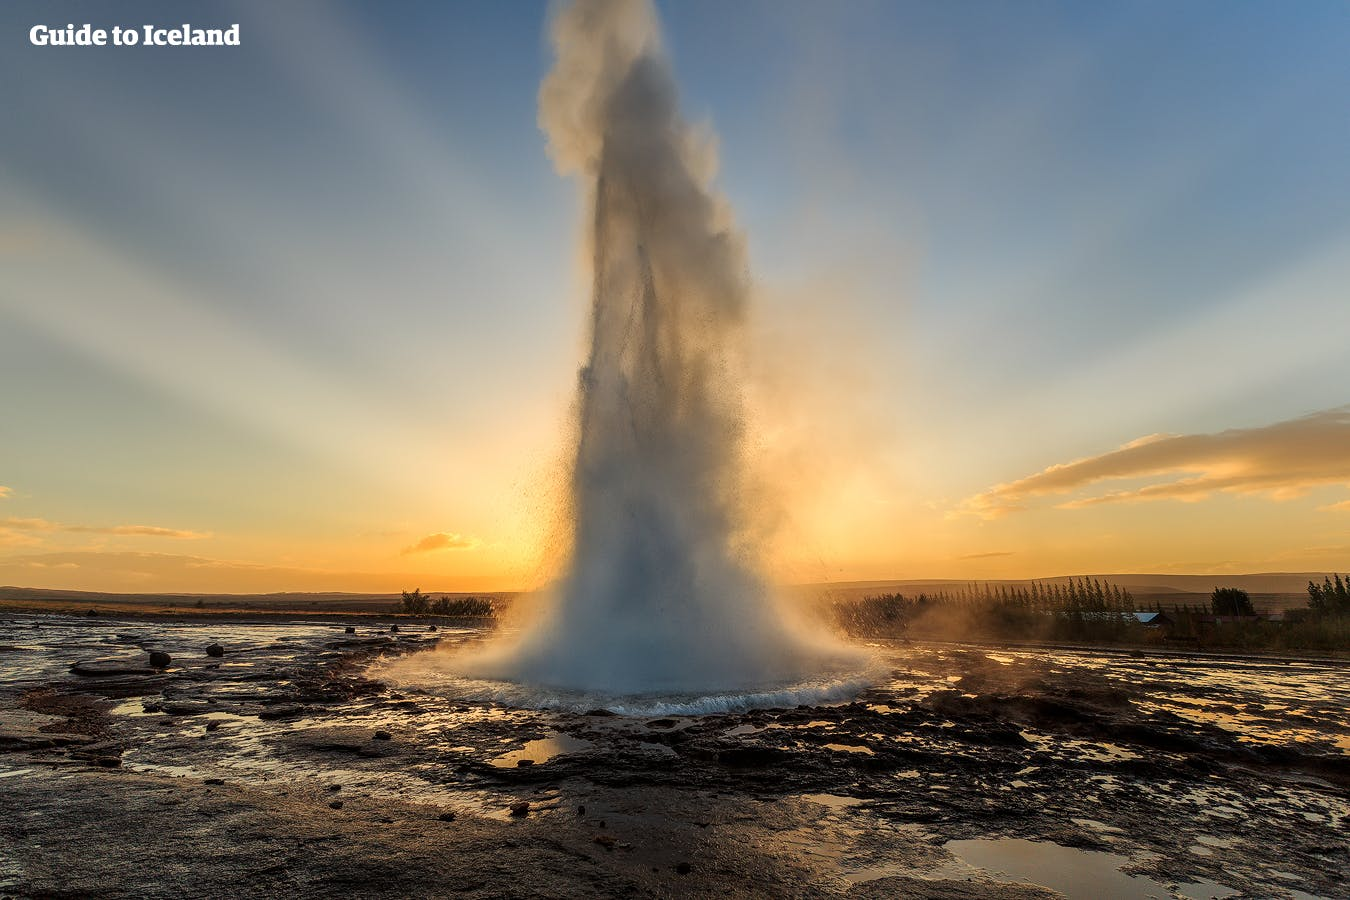 Najsłynniejsza atrakcja na Islandii, gejzer Strokkur w obszarze geotermalnym Geysir.